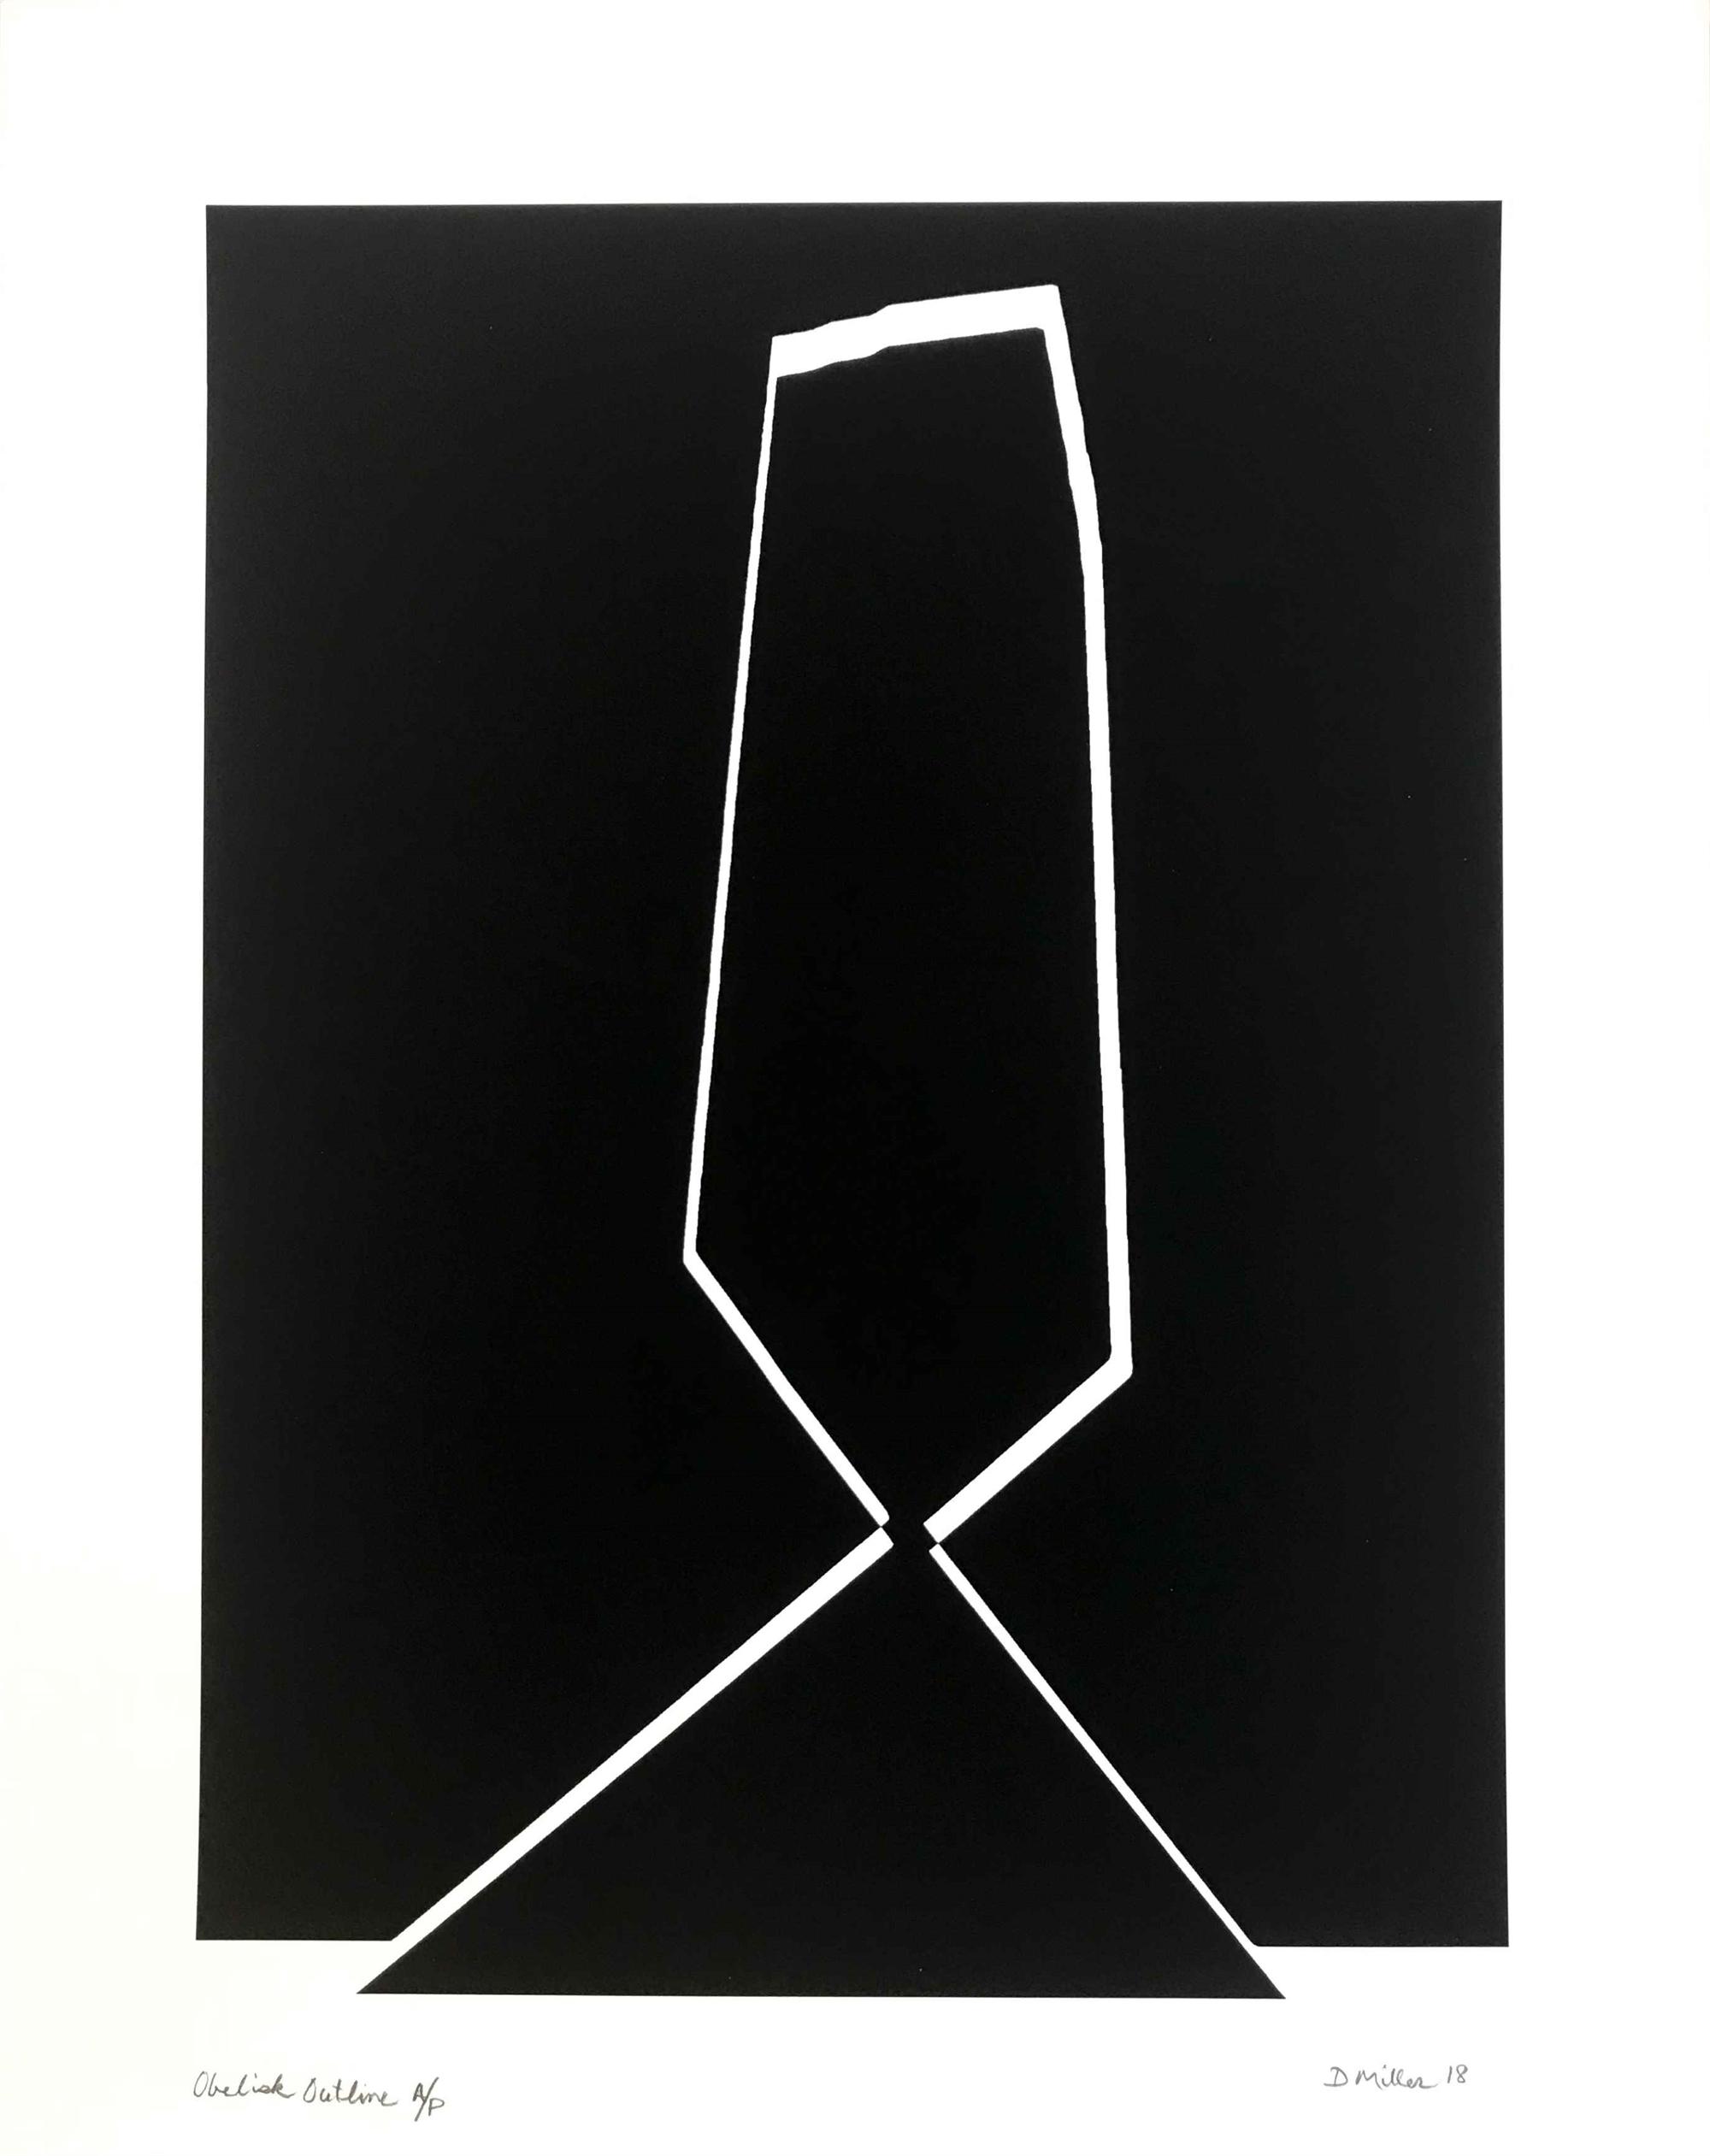 Obelisk Outline by David Miller